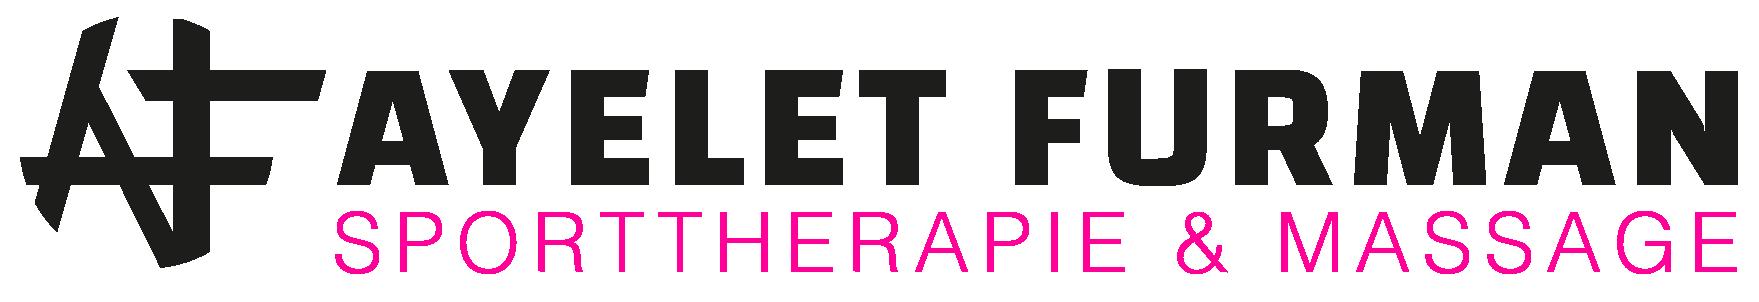 Ayelet Furman Sporttherapie